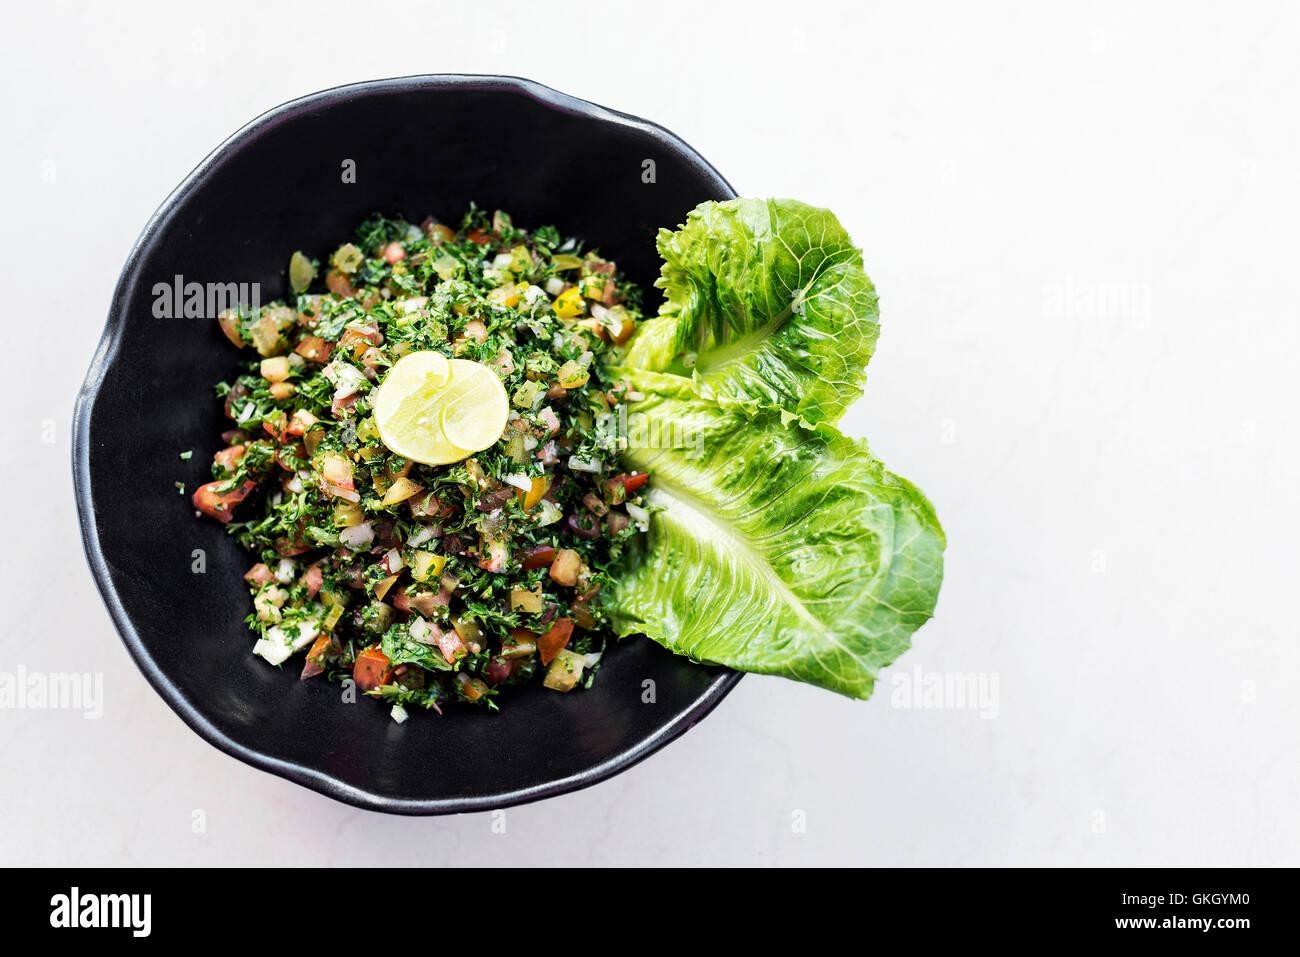 tabouleh traditional lebanese middle eastern fresh salad bowl meze mezze starter - Stock Image